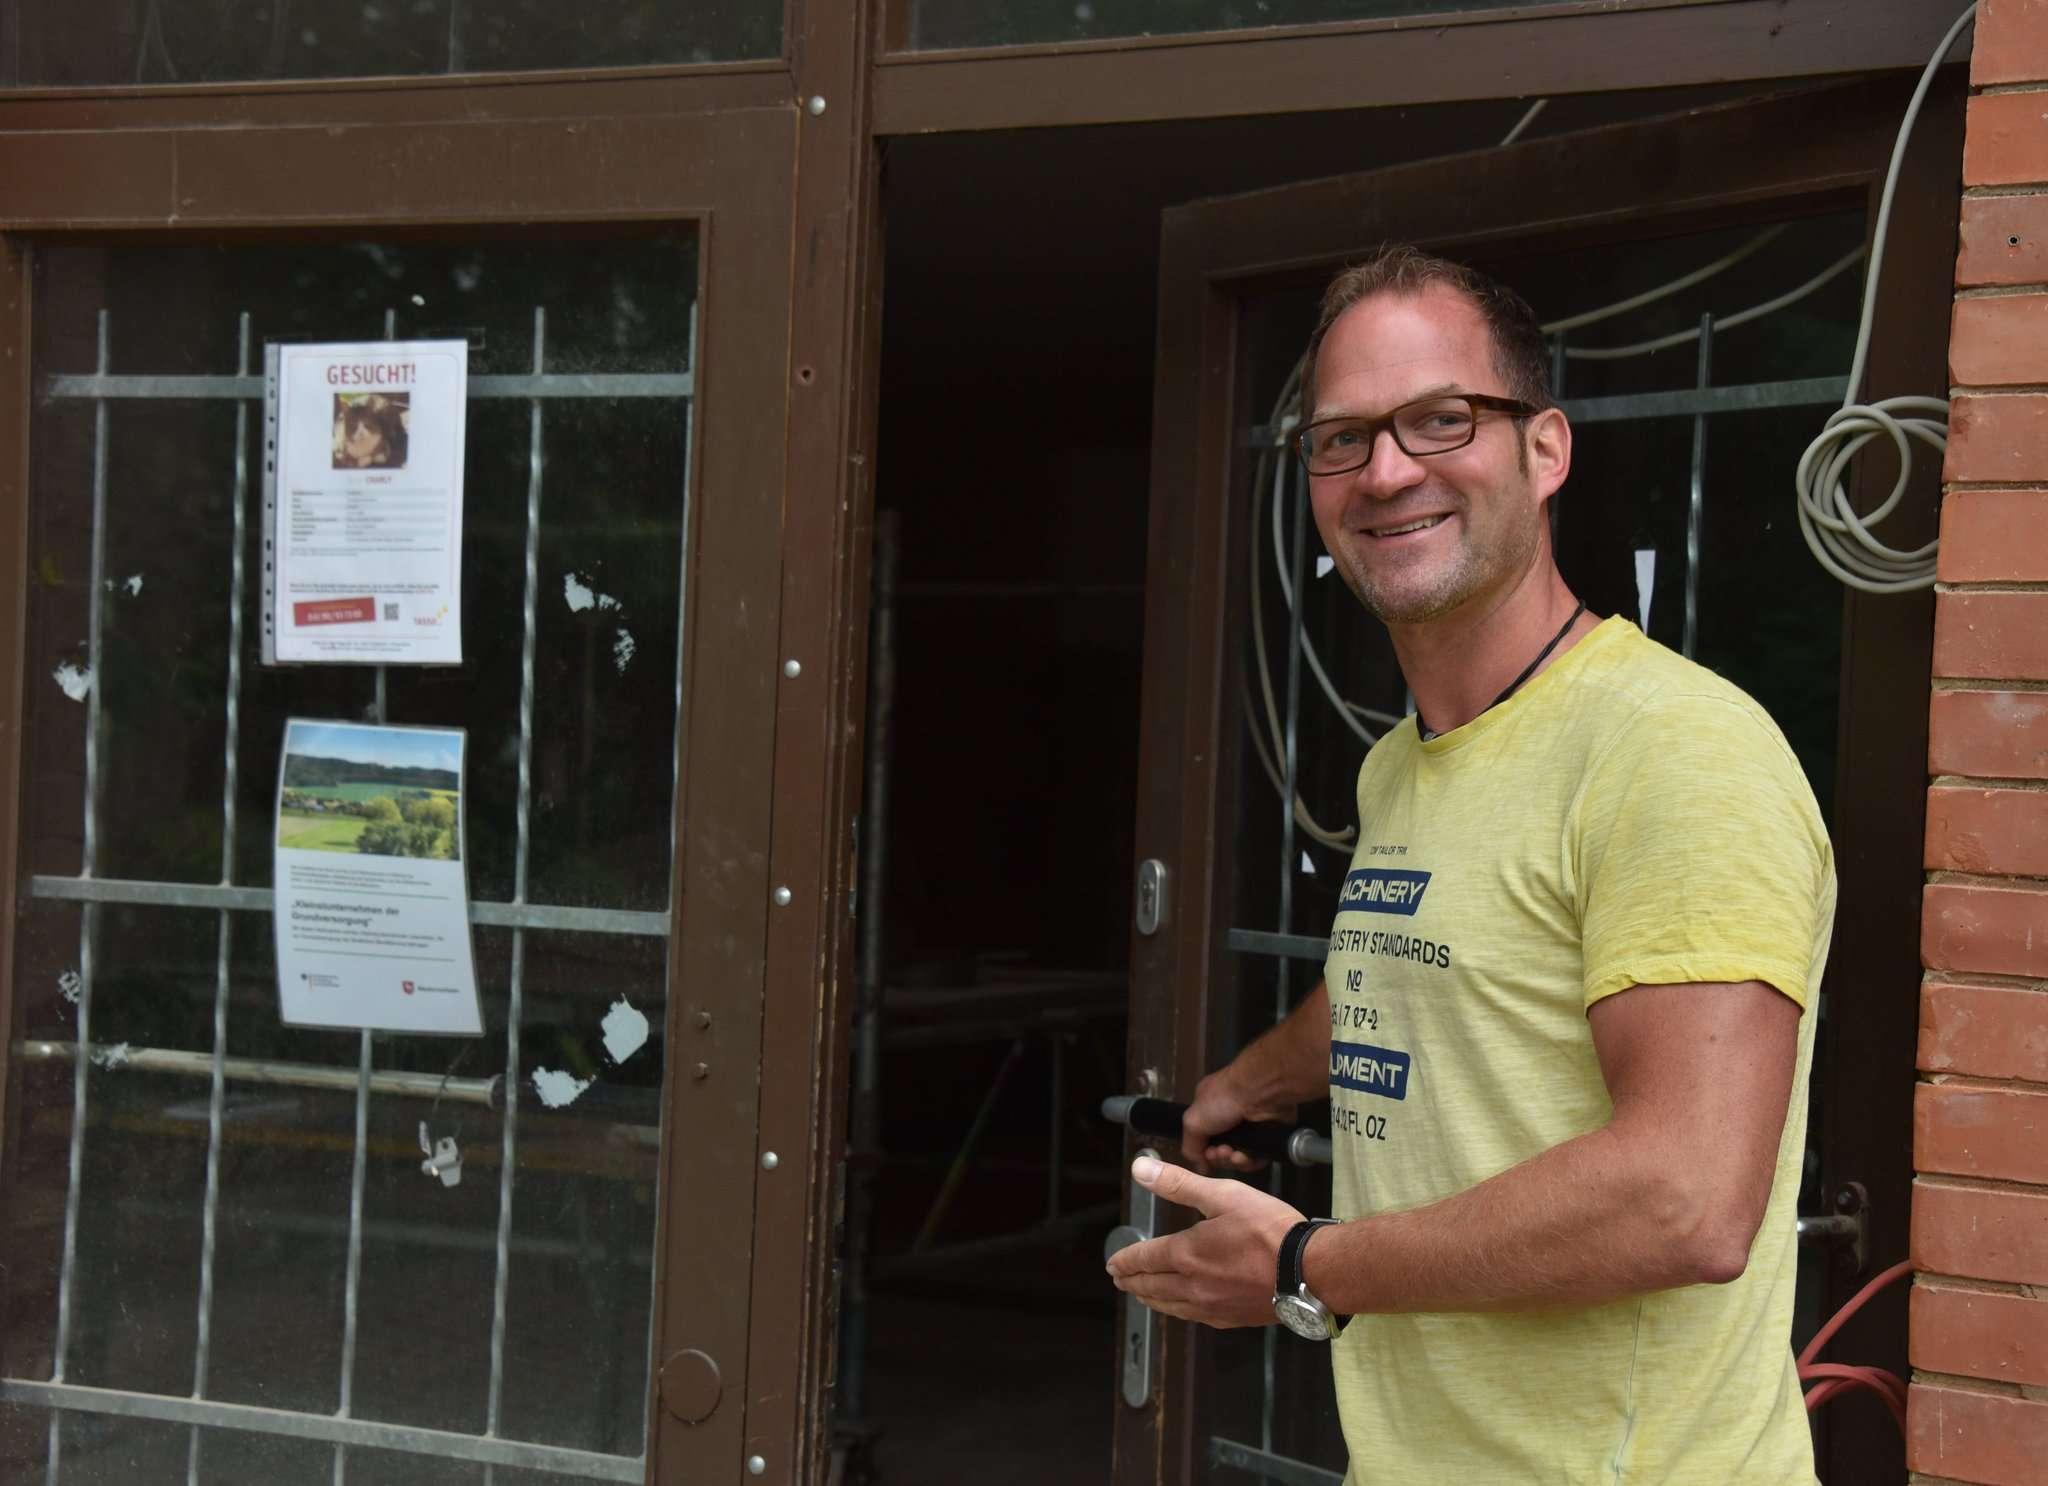 Cord Trefke gewährt Einblicke in die Baustelle Dorfladen.